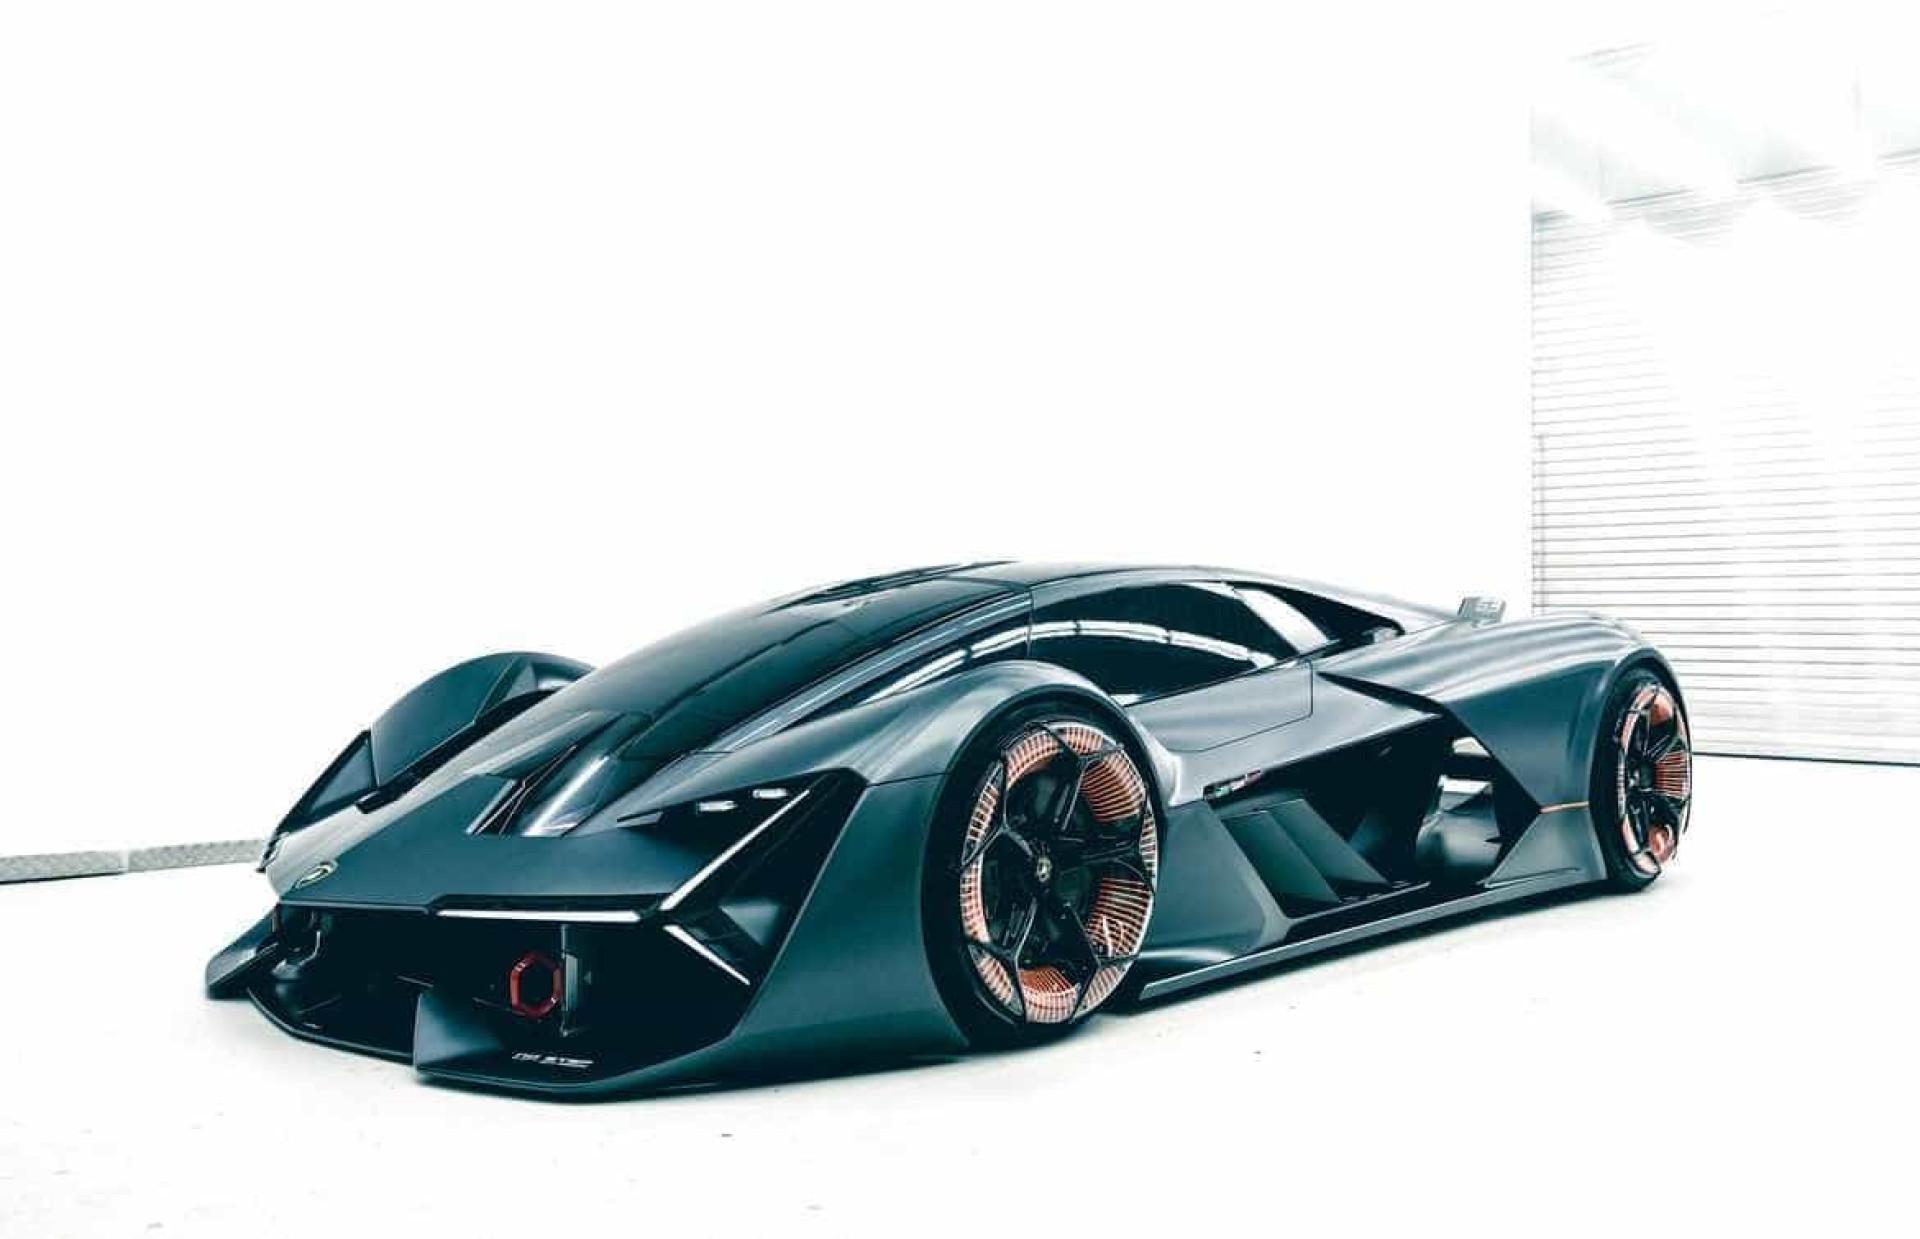 Um novo futuro? Concept da Lamborghini é capaz de se reparar sozinho